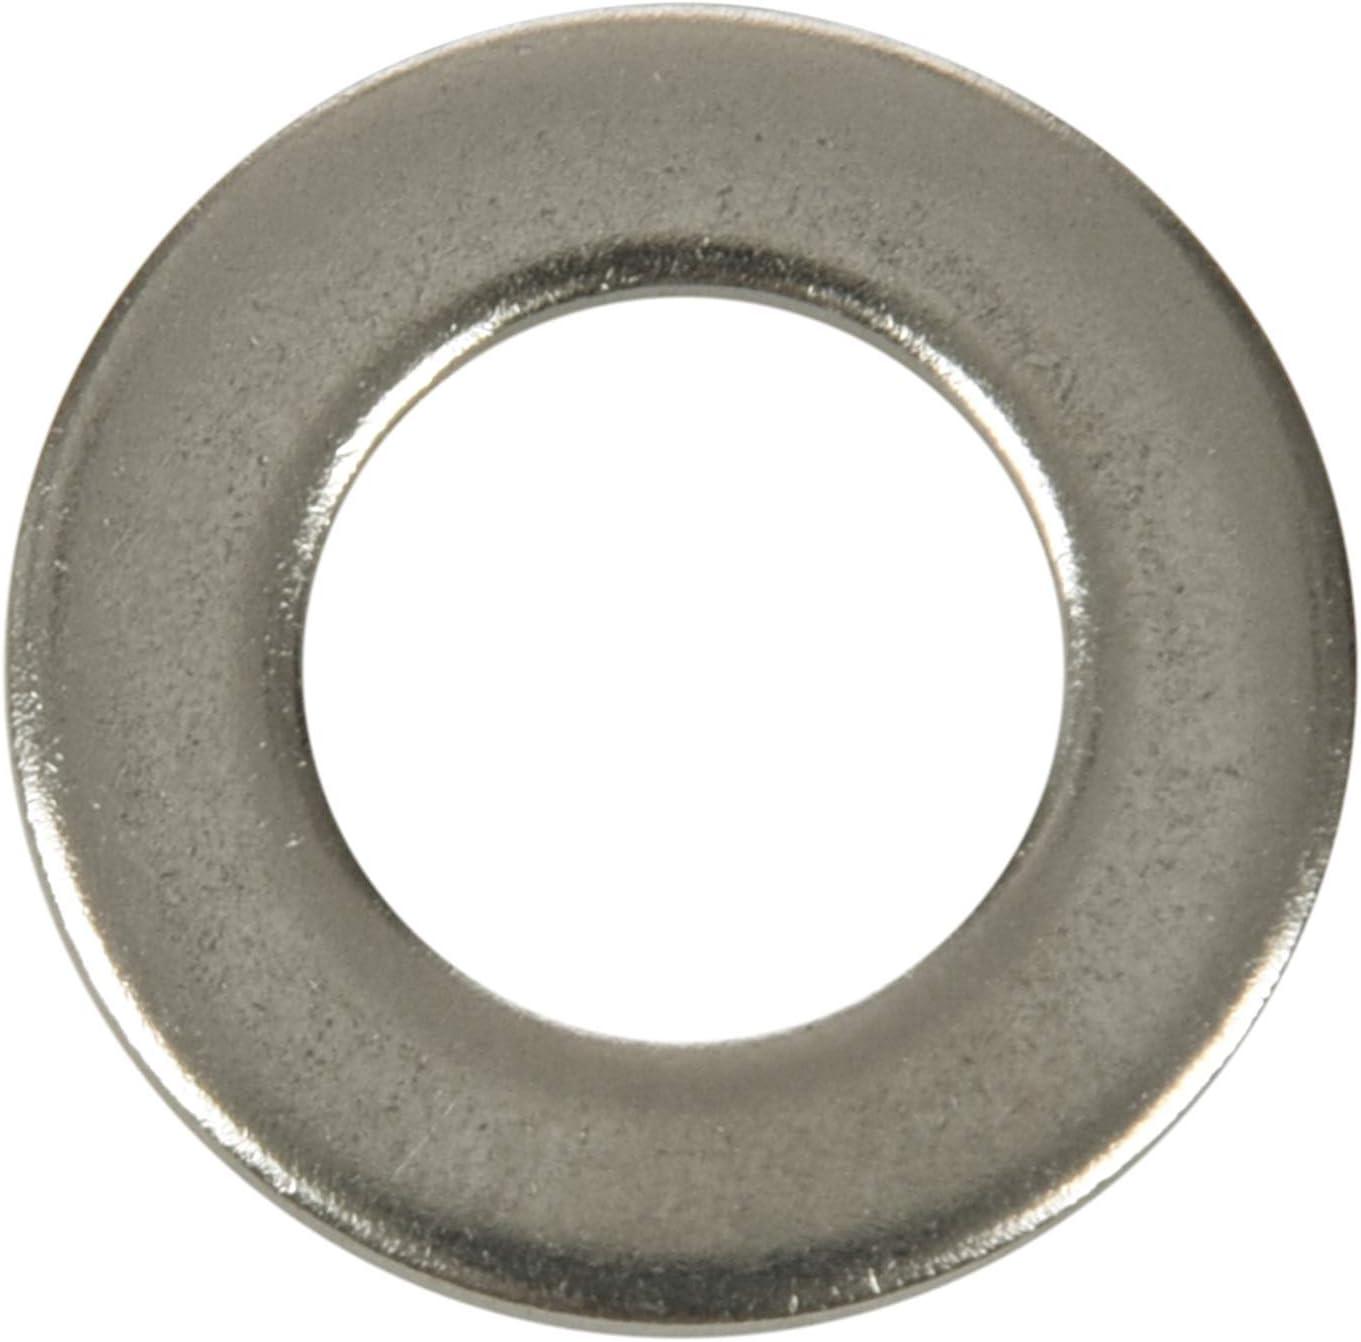 Facibom acero forma una arandela plana para adaptarse a tornillos y tornillos m/étricos M2 2,2 mm x 5 mm x 0,3 mm 100 piezas